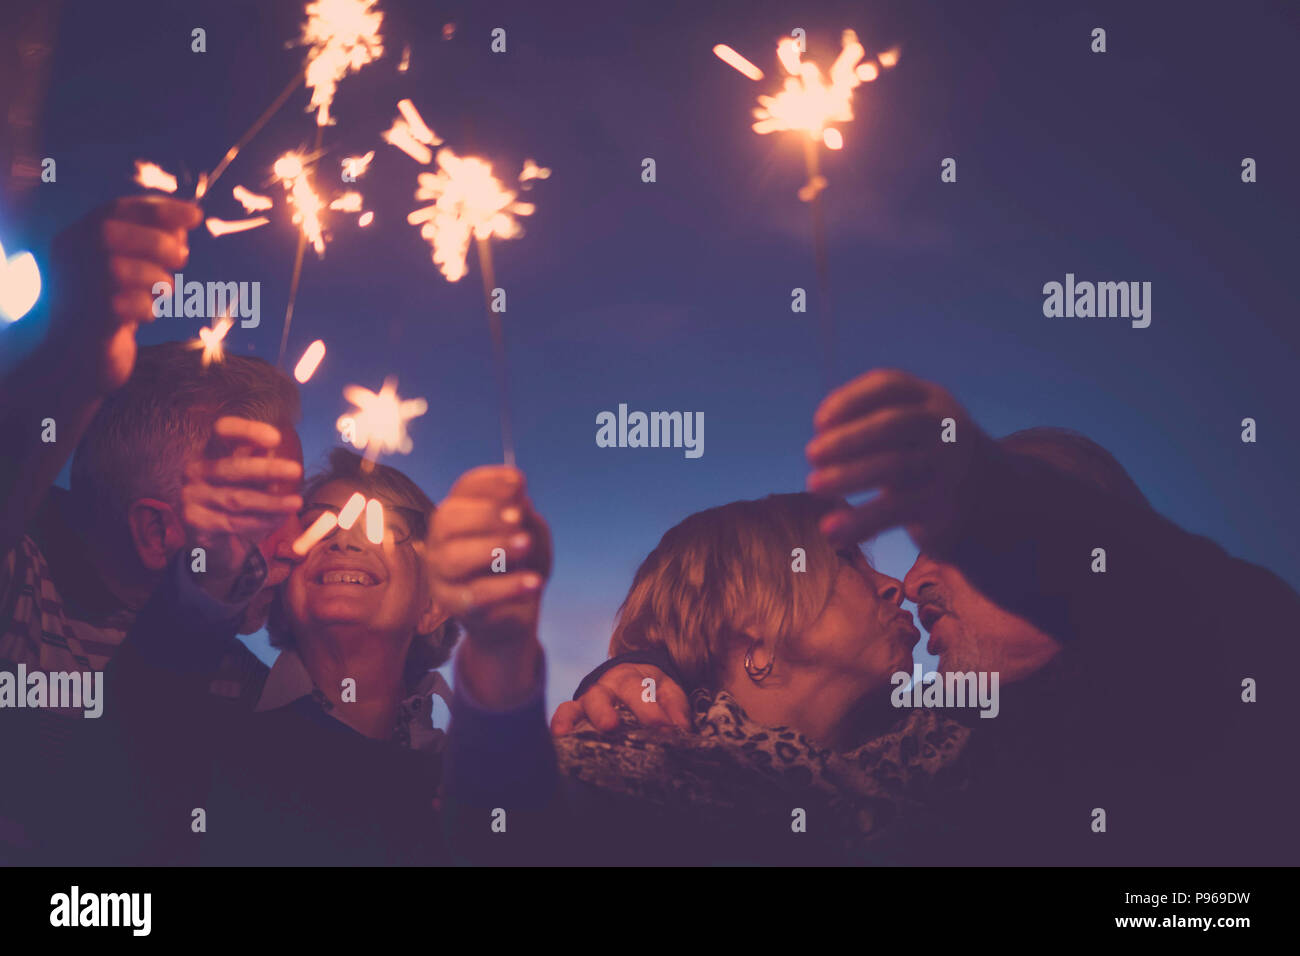 Celebration party pour maison de nuit ou de fin d'année 2019. groupe d'hommes et des femmes d'âge de personnes avec le feu d'étincelles. Tout le monde s'embrasser et avoir beaucoup de f Photo Stock